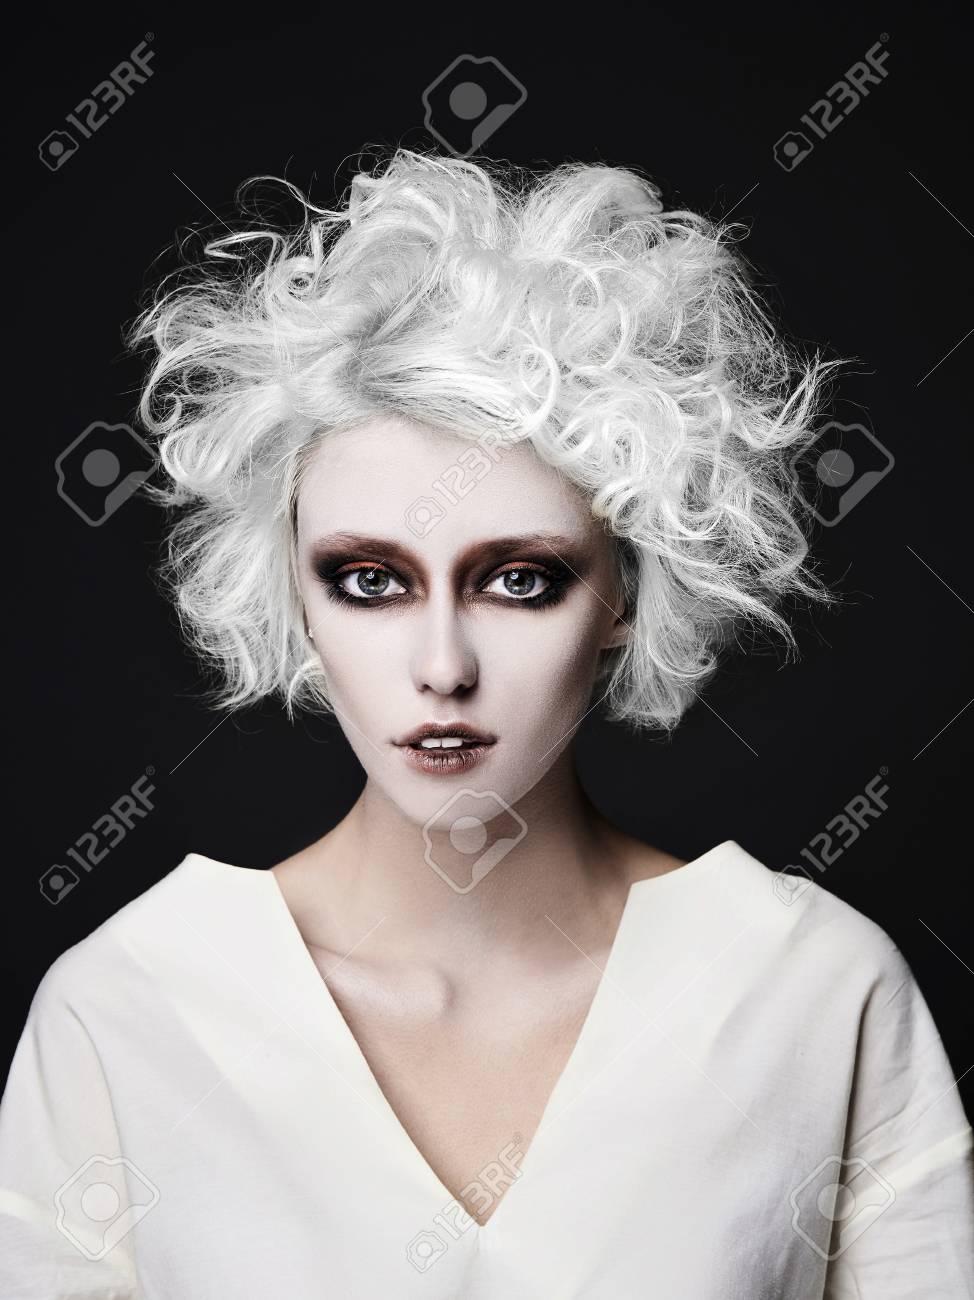 Fille avec maquillage de clown effrayant pour halloween.blond jeune femme à  la peau blanche porter straitjacket.psycho personne pour mascarade